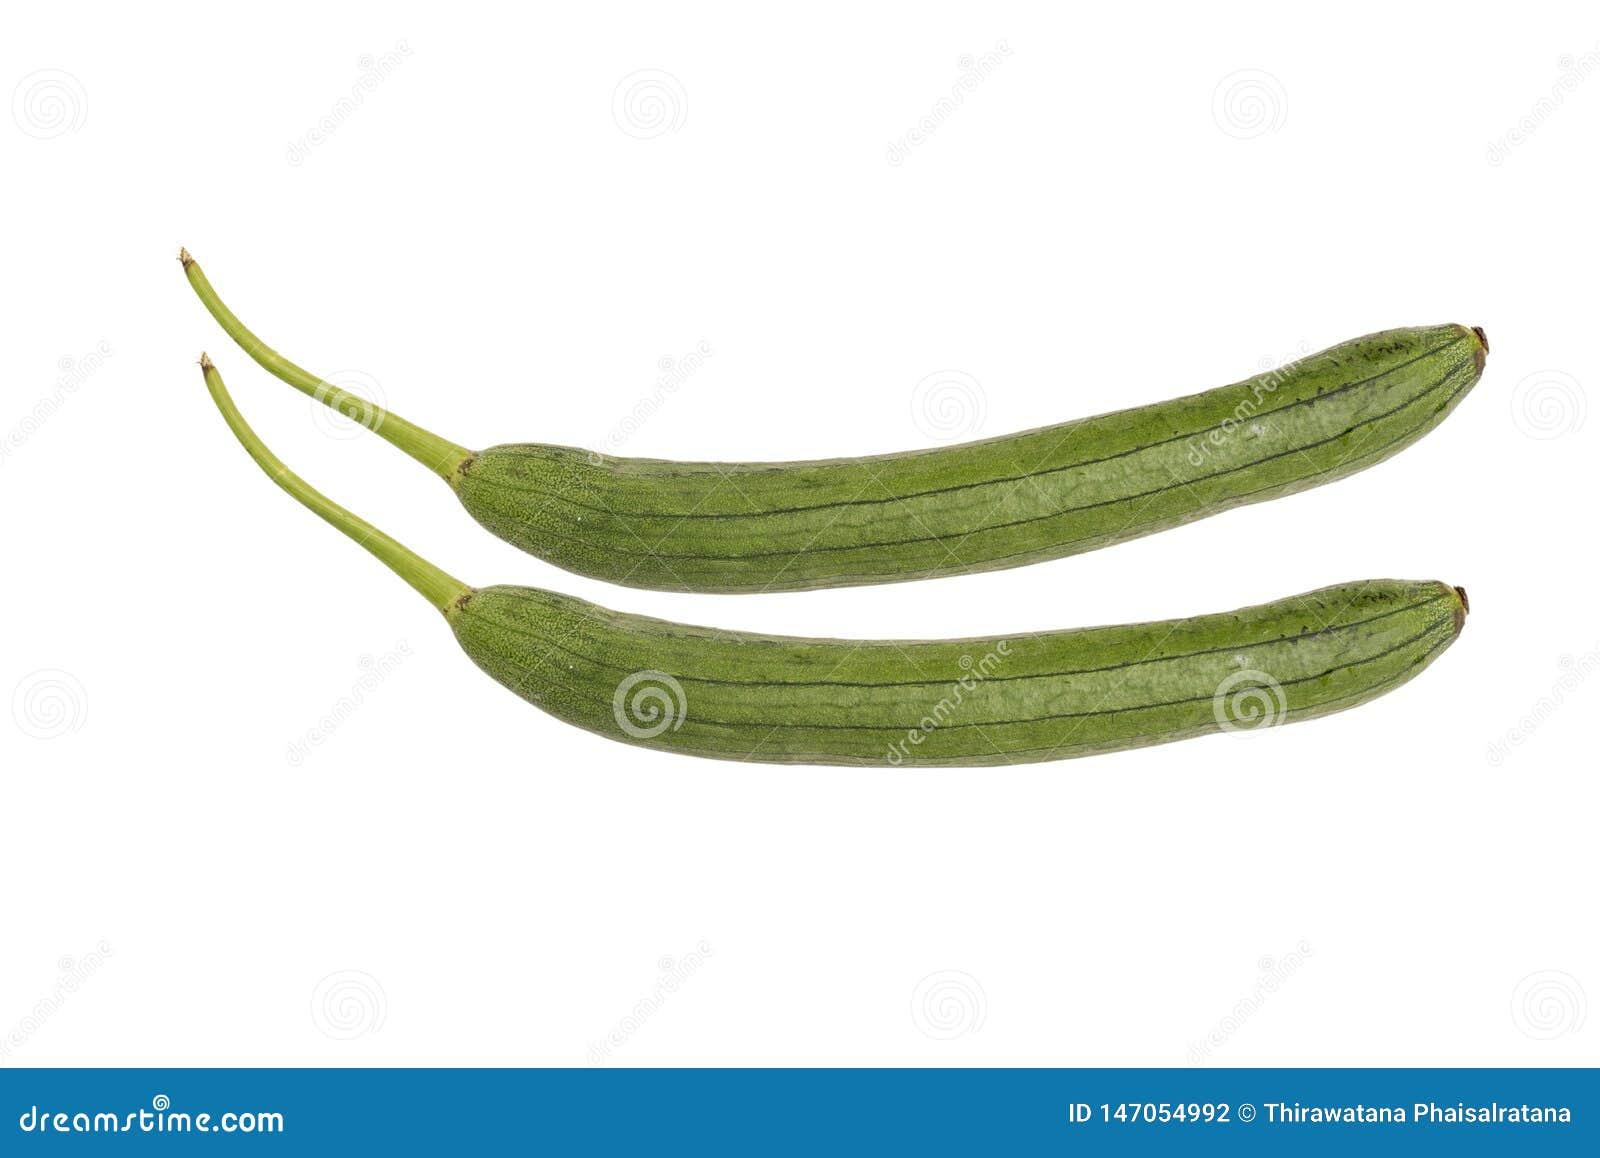 Gr?n zucchini som isoleras p? vit bakgrund Japansk zucchini Variation av märg eller sommarsquash, valde, när den är liten Långt o